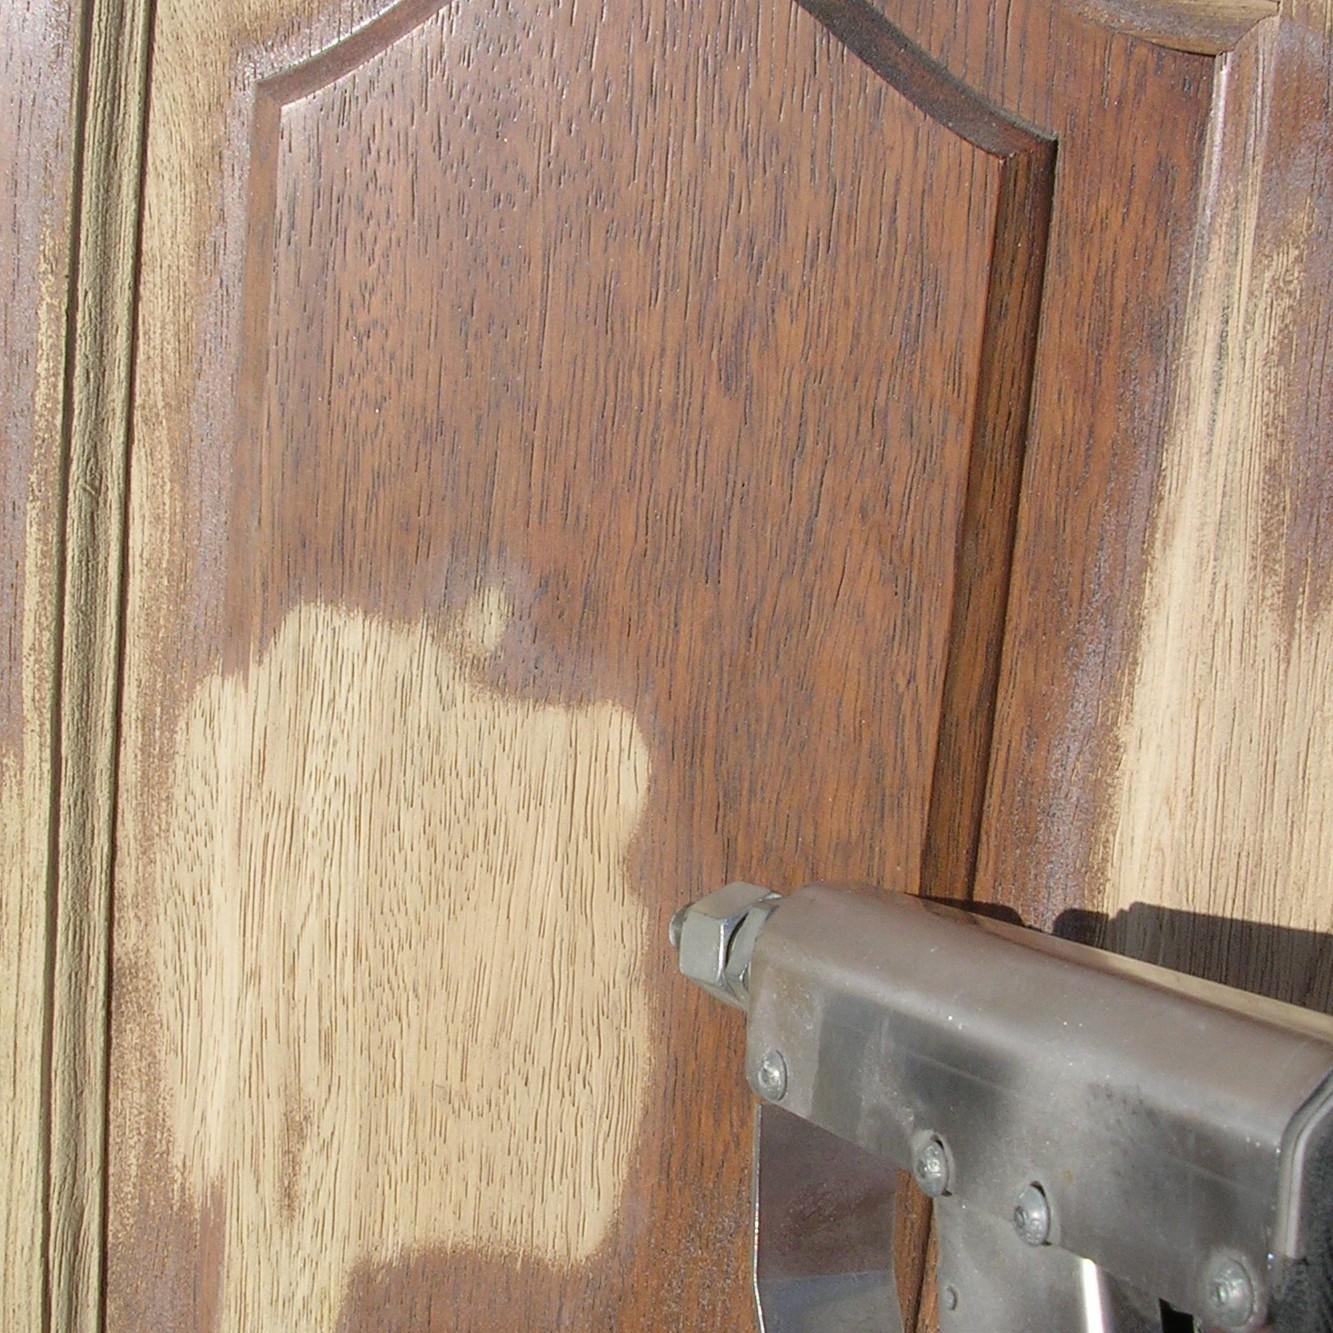 d monstrations st nettoyage entreprise sp cialiste du nettoyage et a rogommage morbier dans. Black Bedroom Furniture Sets. Home Design Ideas